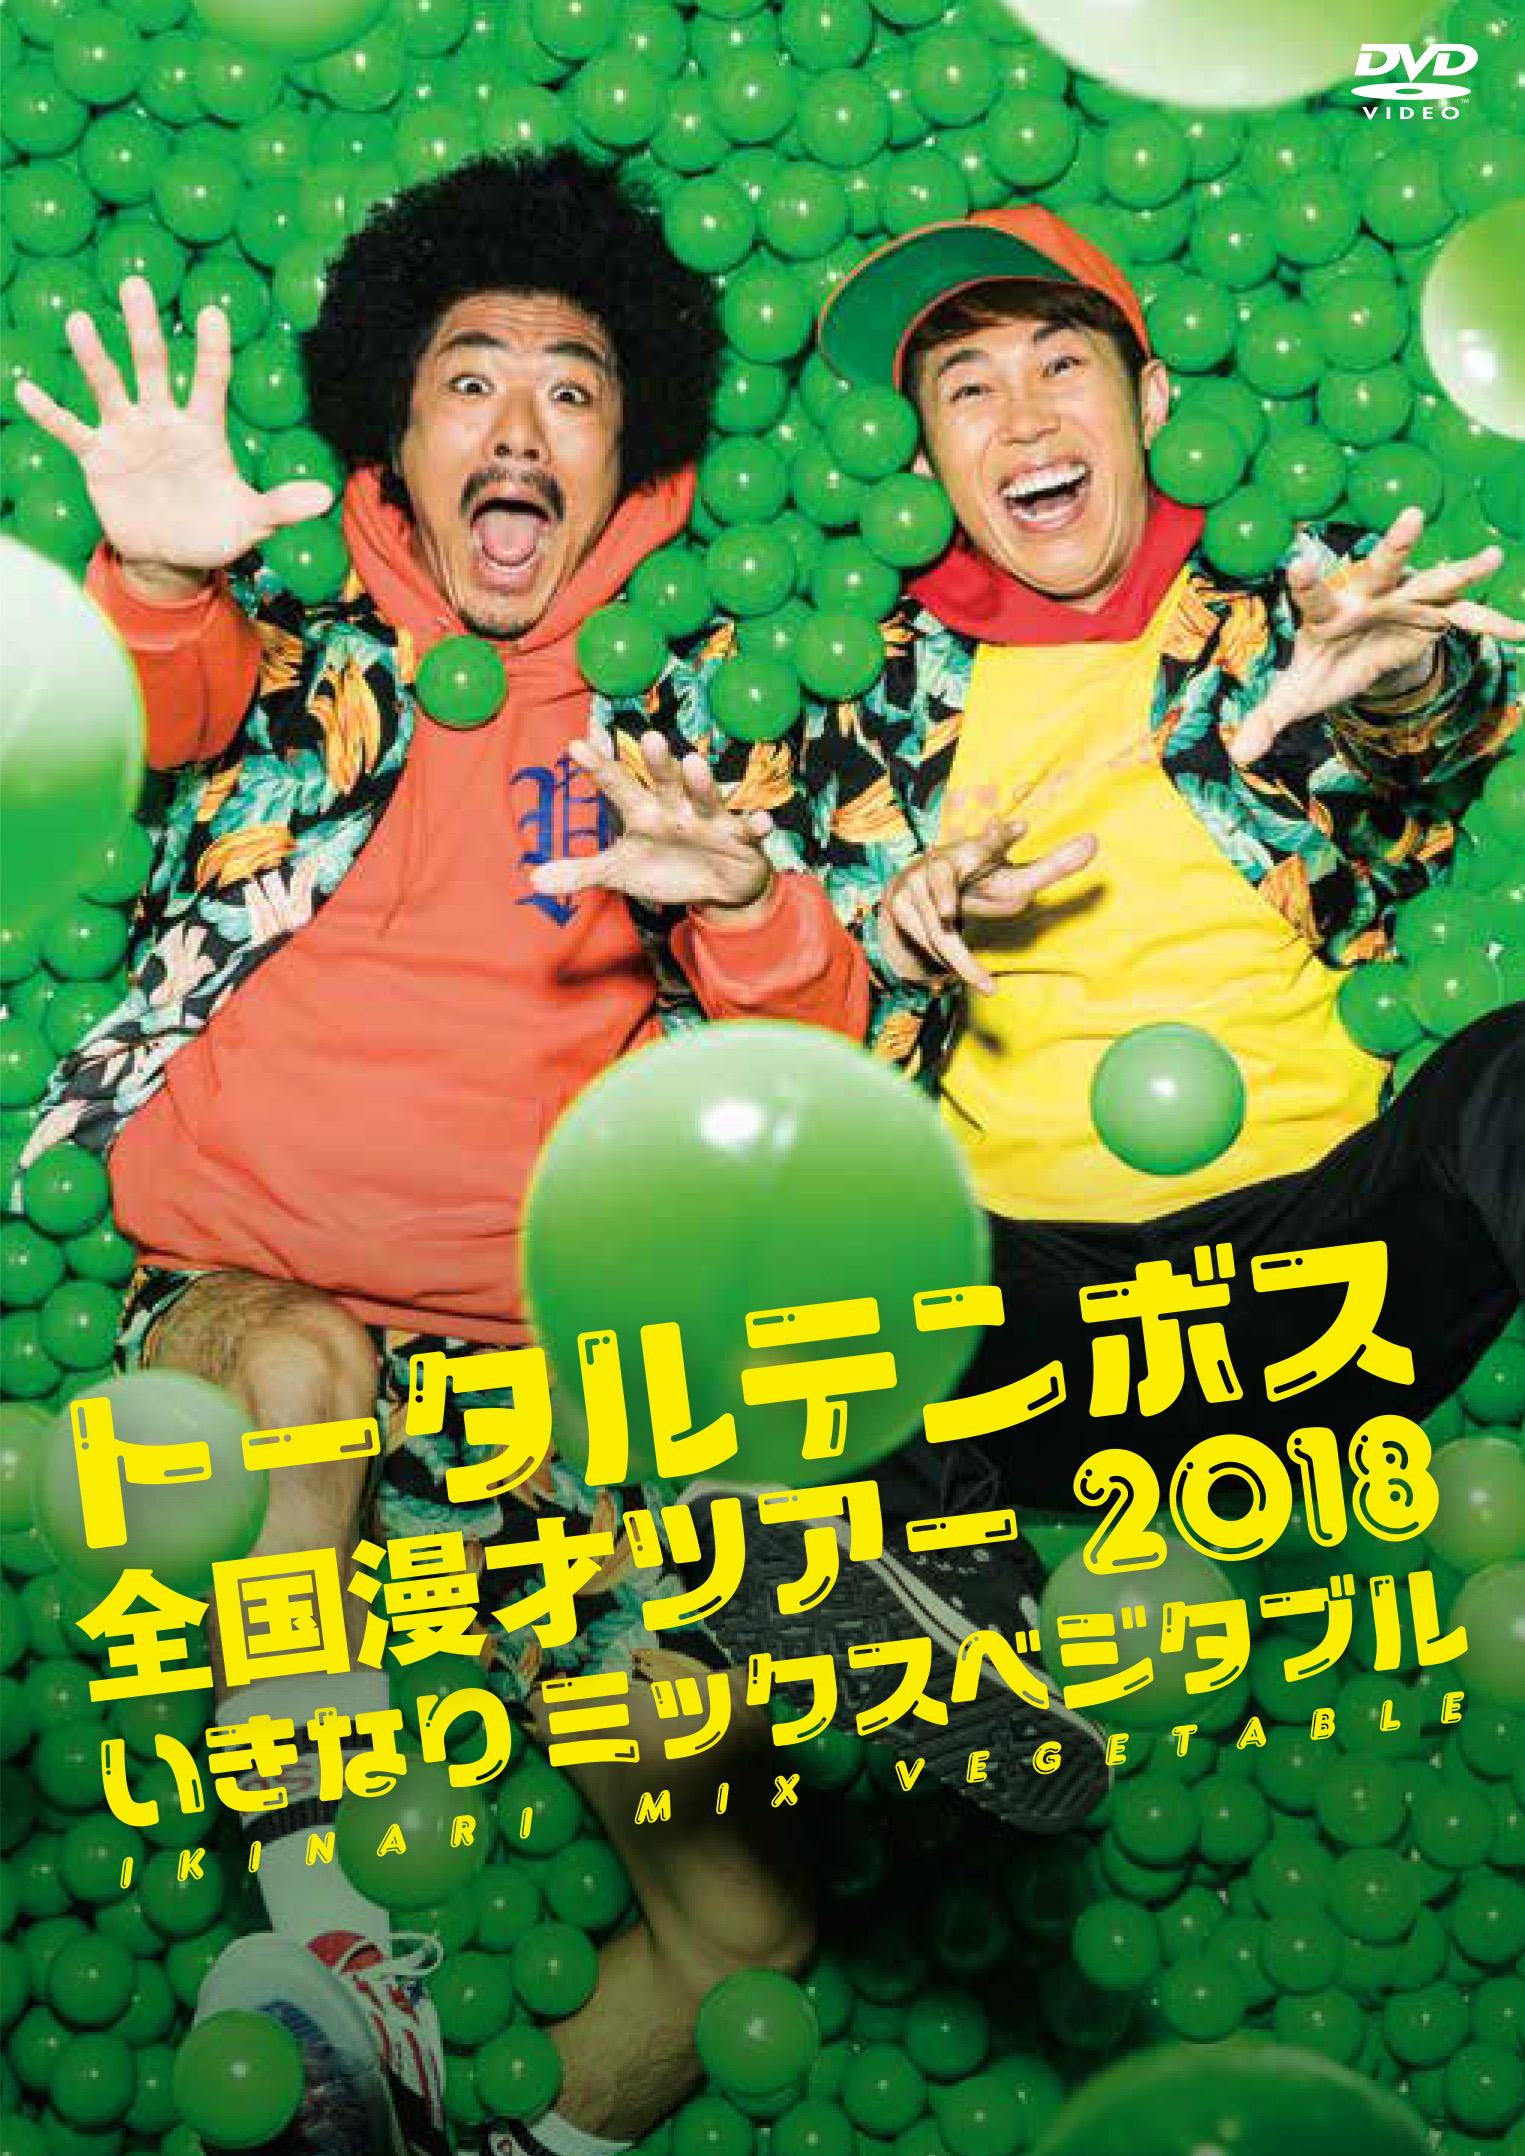 エグザイル ツアー 2018 チケット